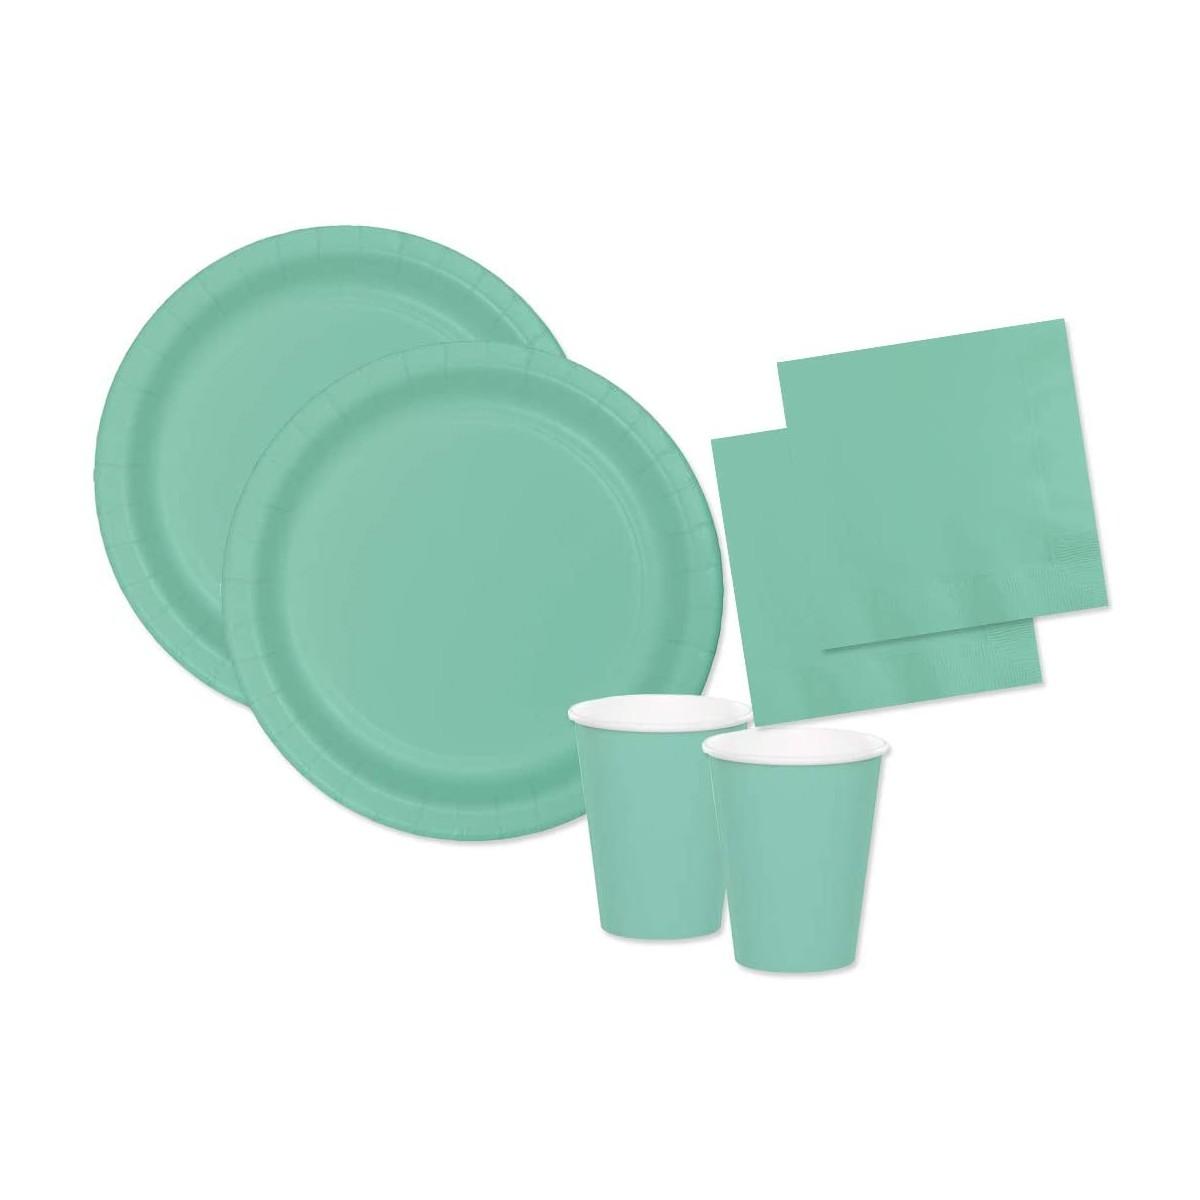 Kit per 80 persone festa Verde Tiffany, acqua marina, coordinato tavola